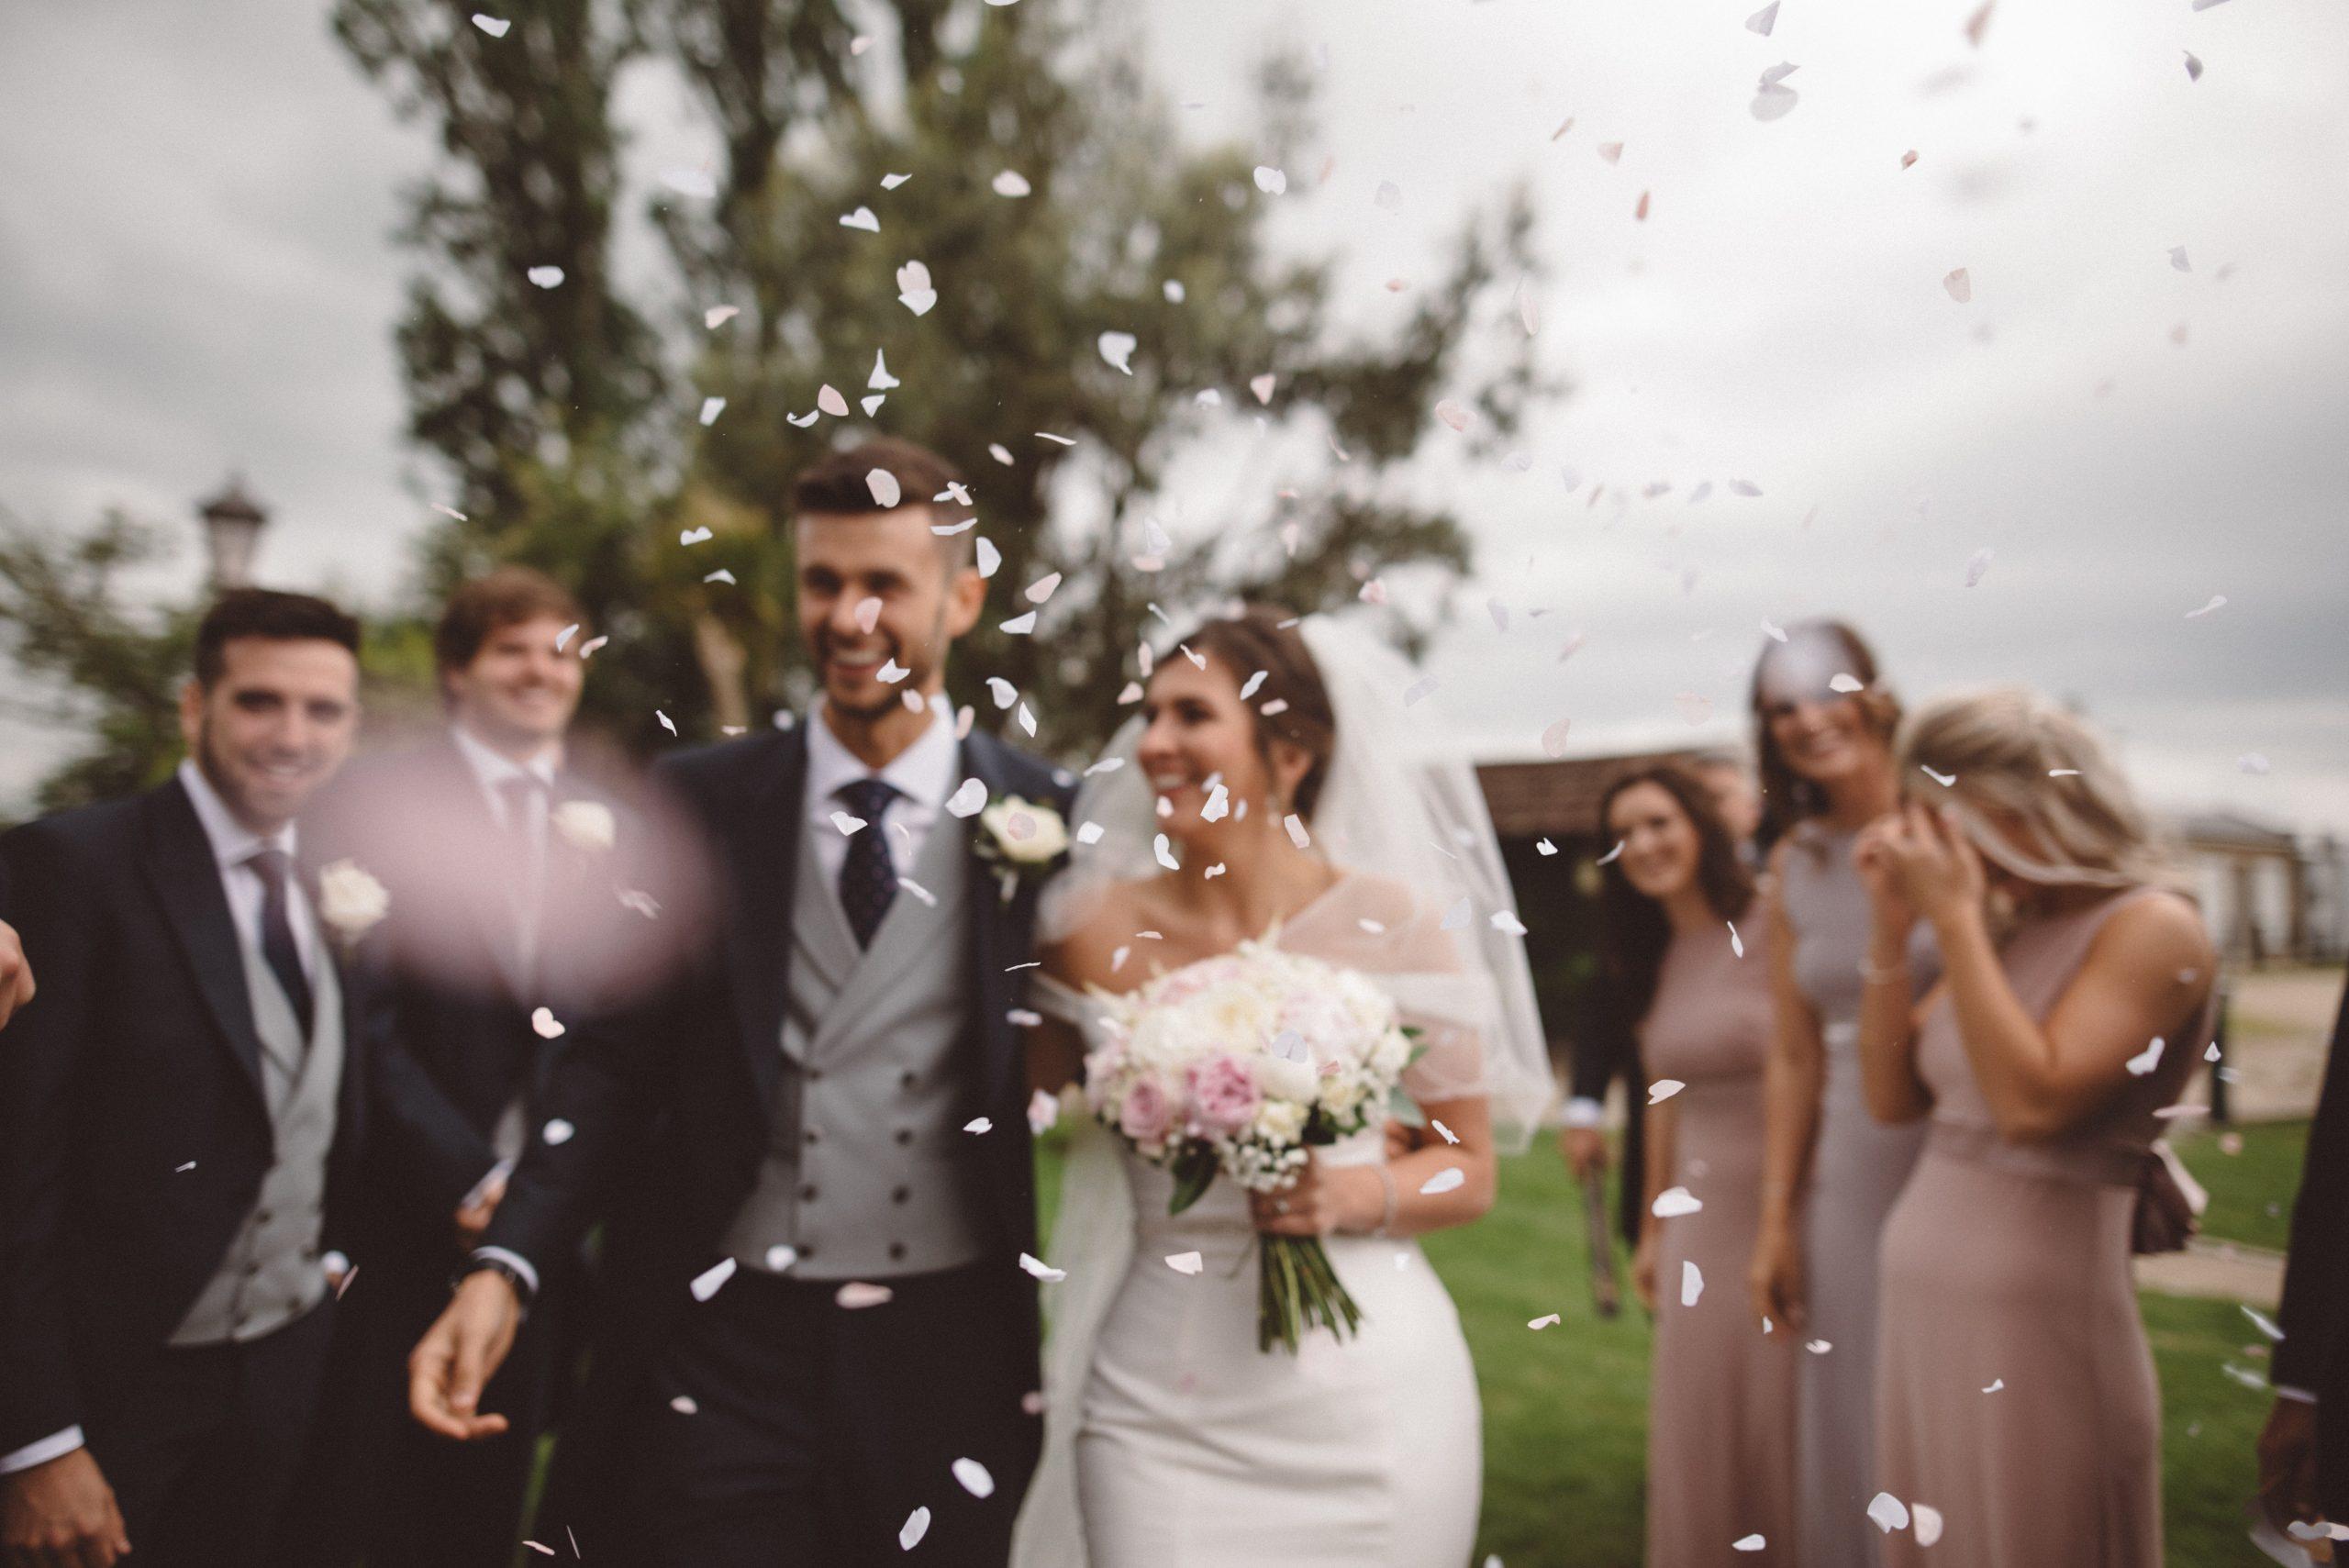 wedding confetti at Friern Manor